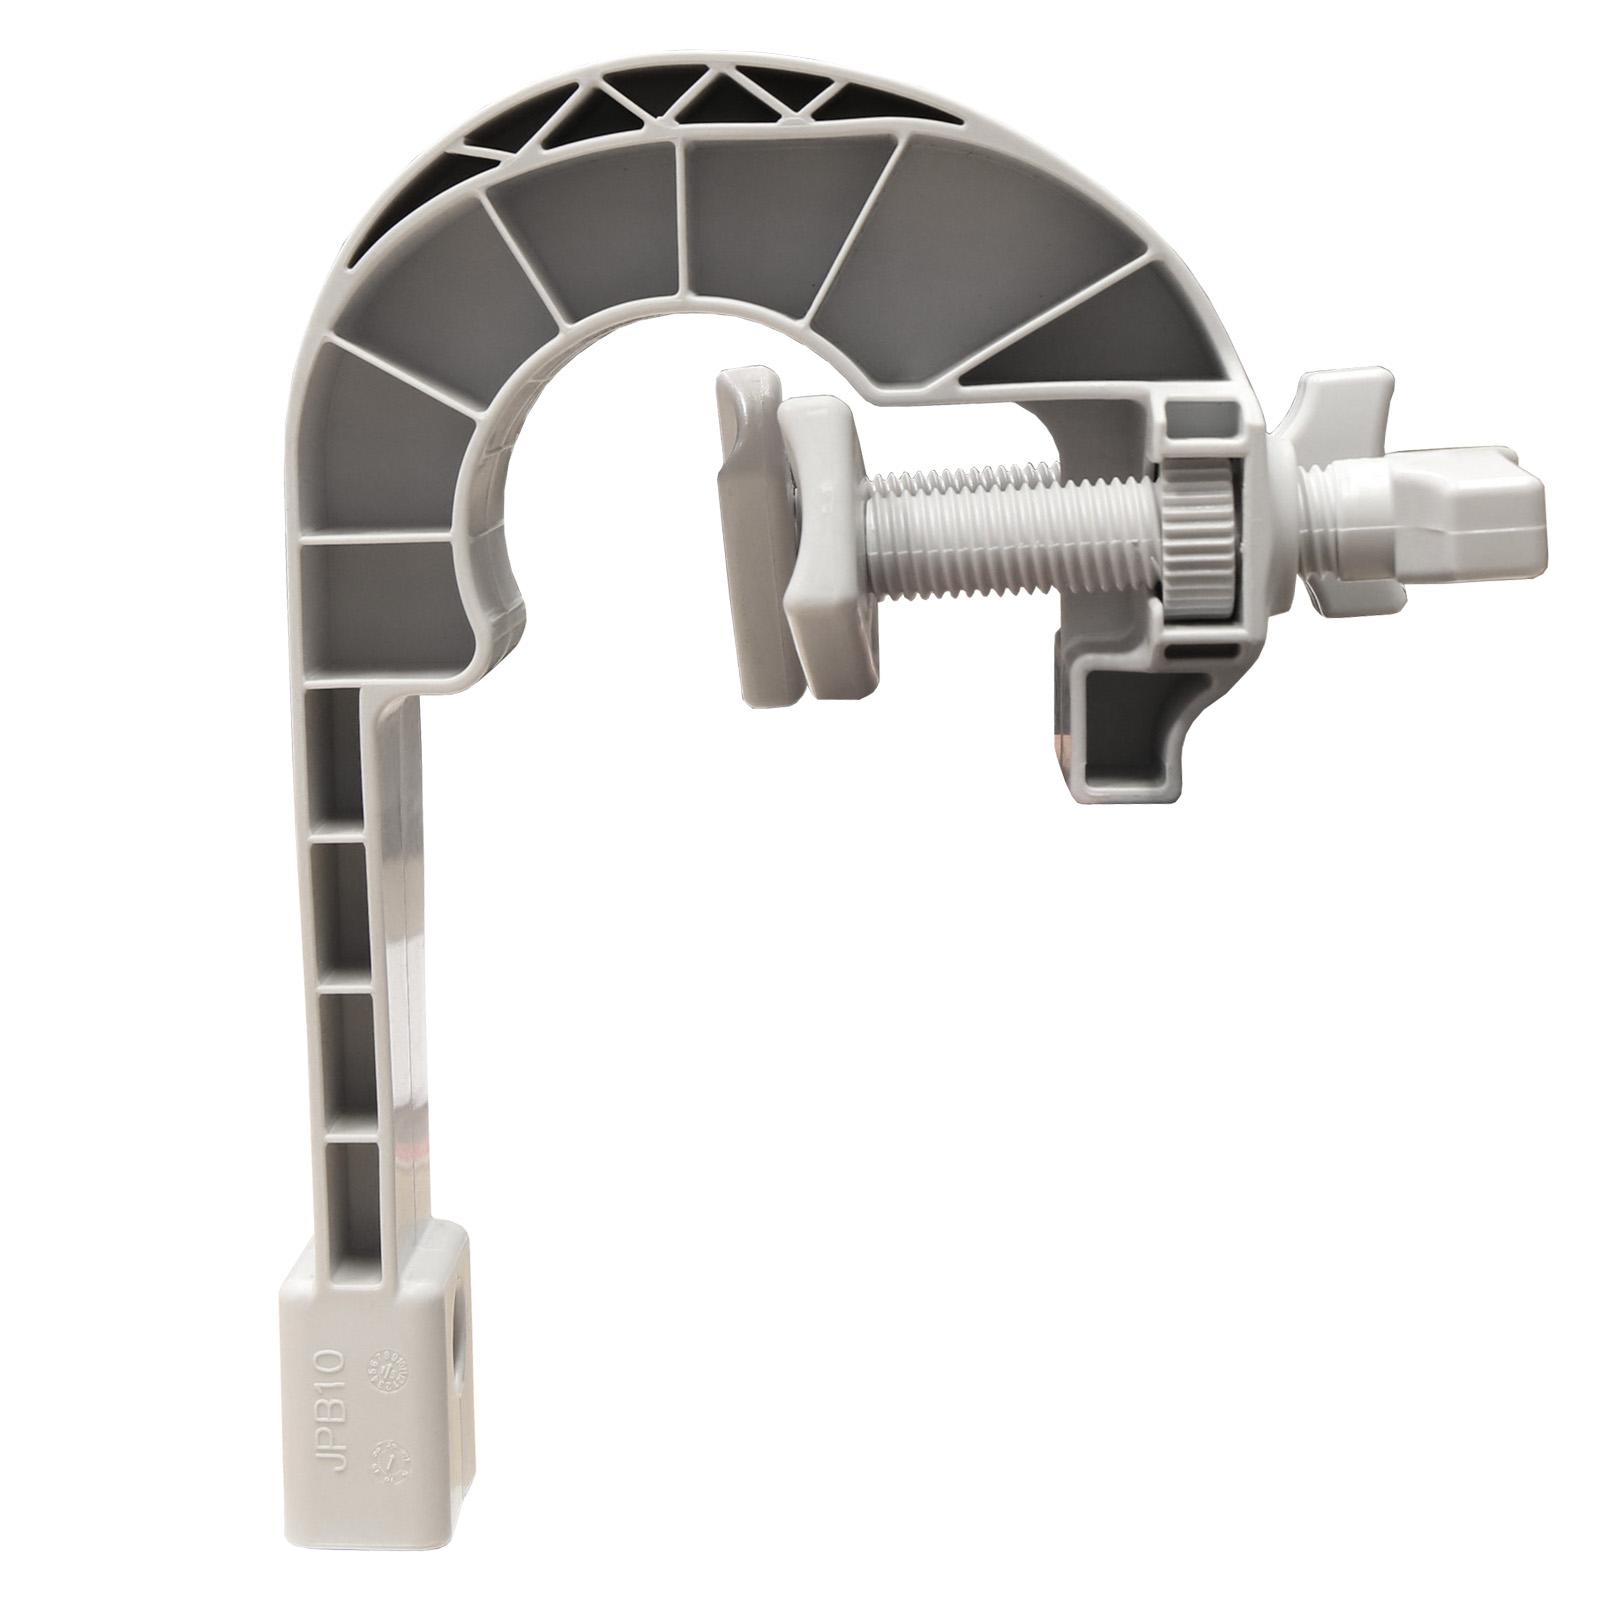 Intex Halterung für Frame Ersatzhalterung für Oberflächenskimmer Frame Fixierung